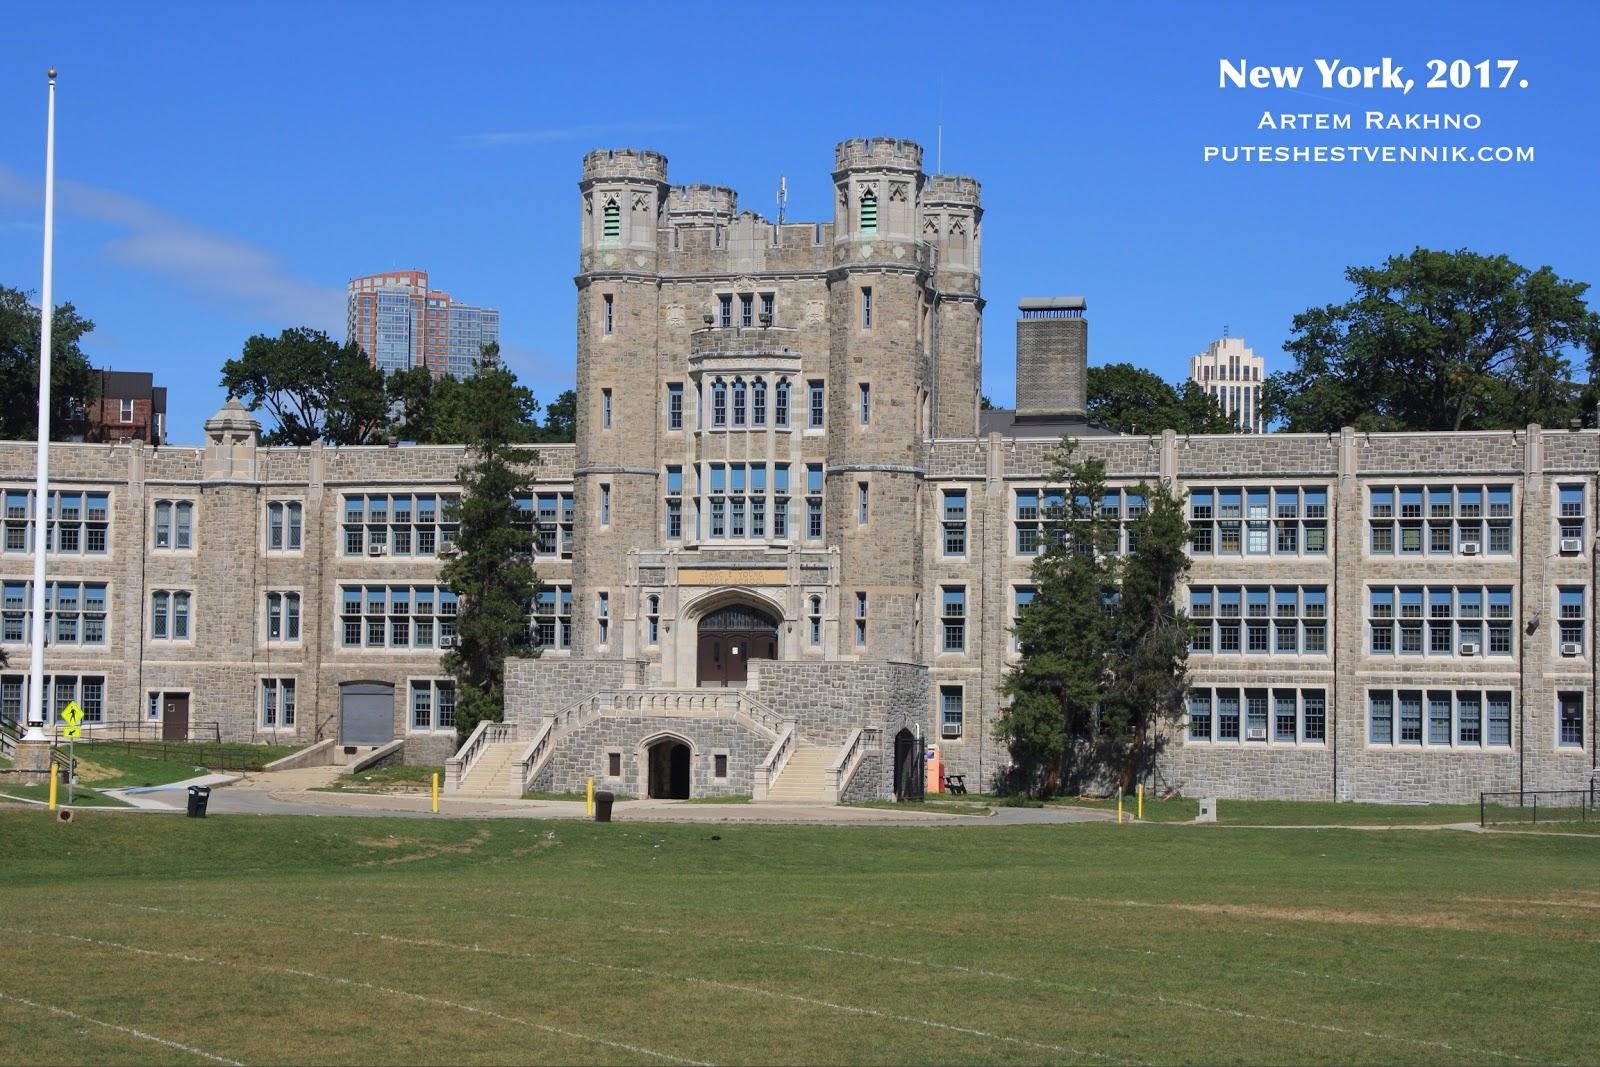 Здание школы в виде замка